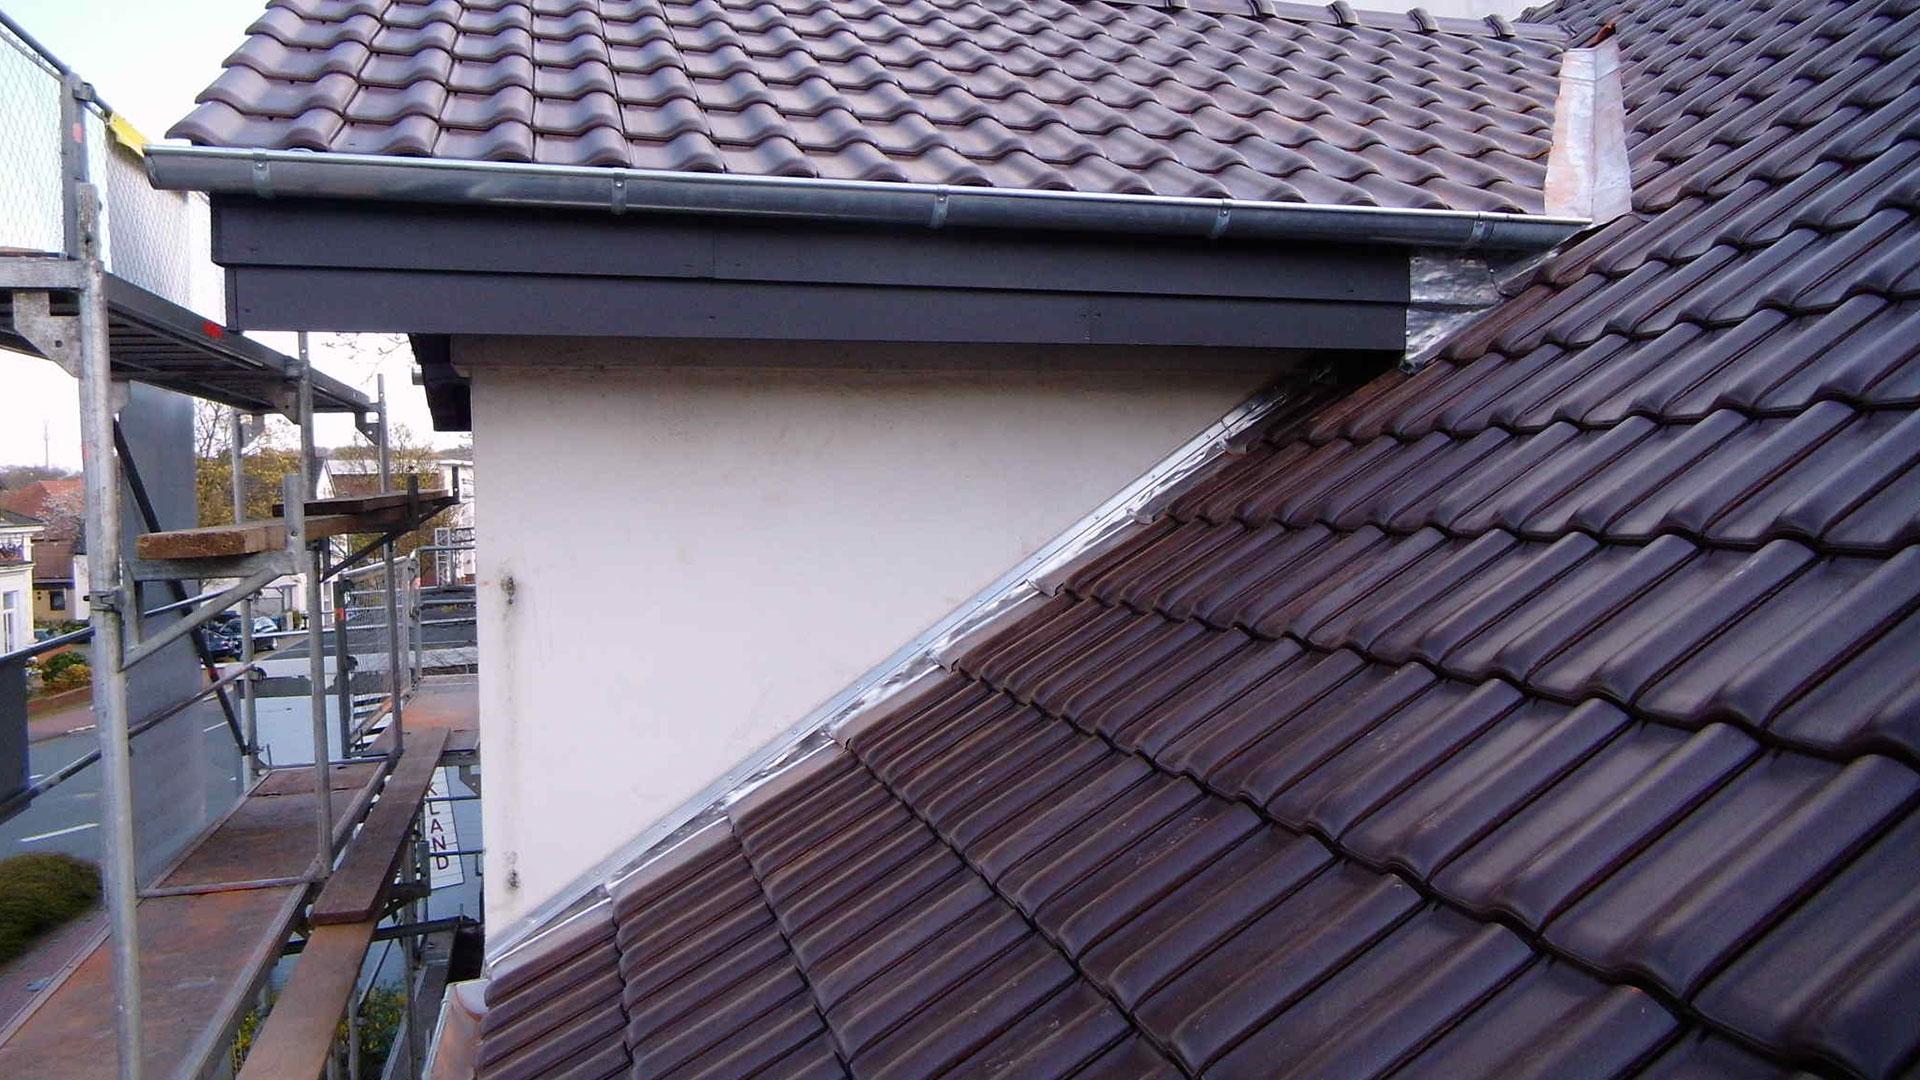 Frisch gedecktes Dach 1920x1080px | Dachdeckerei Spalek OHZ